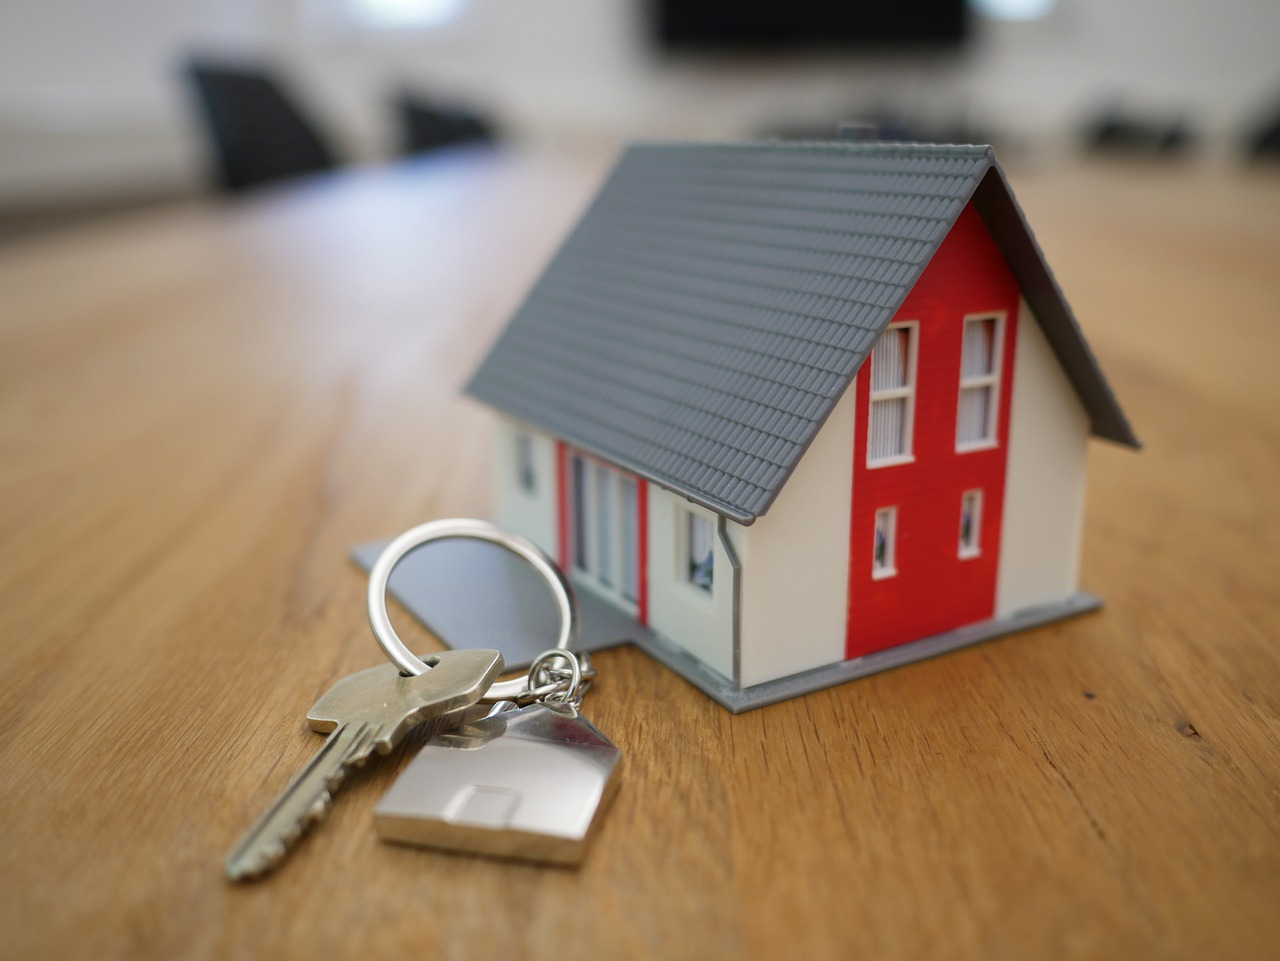 Rodinný dům na klíč nebo stavba svépomoci? Co to obnáší a jaké jsou pro a proti?